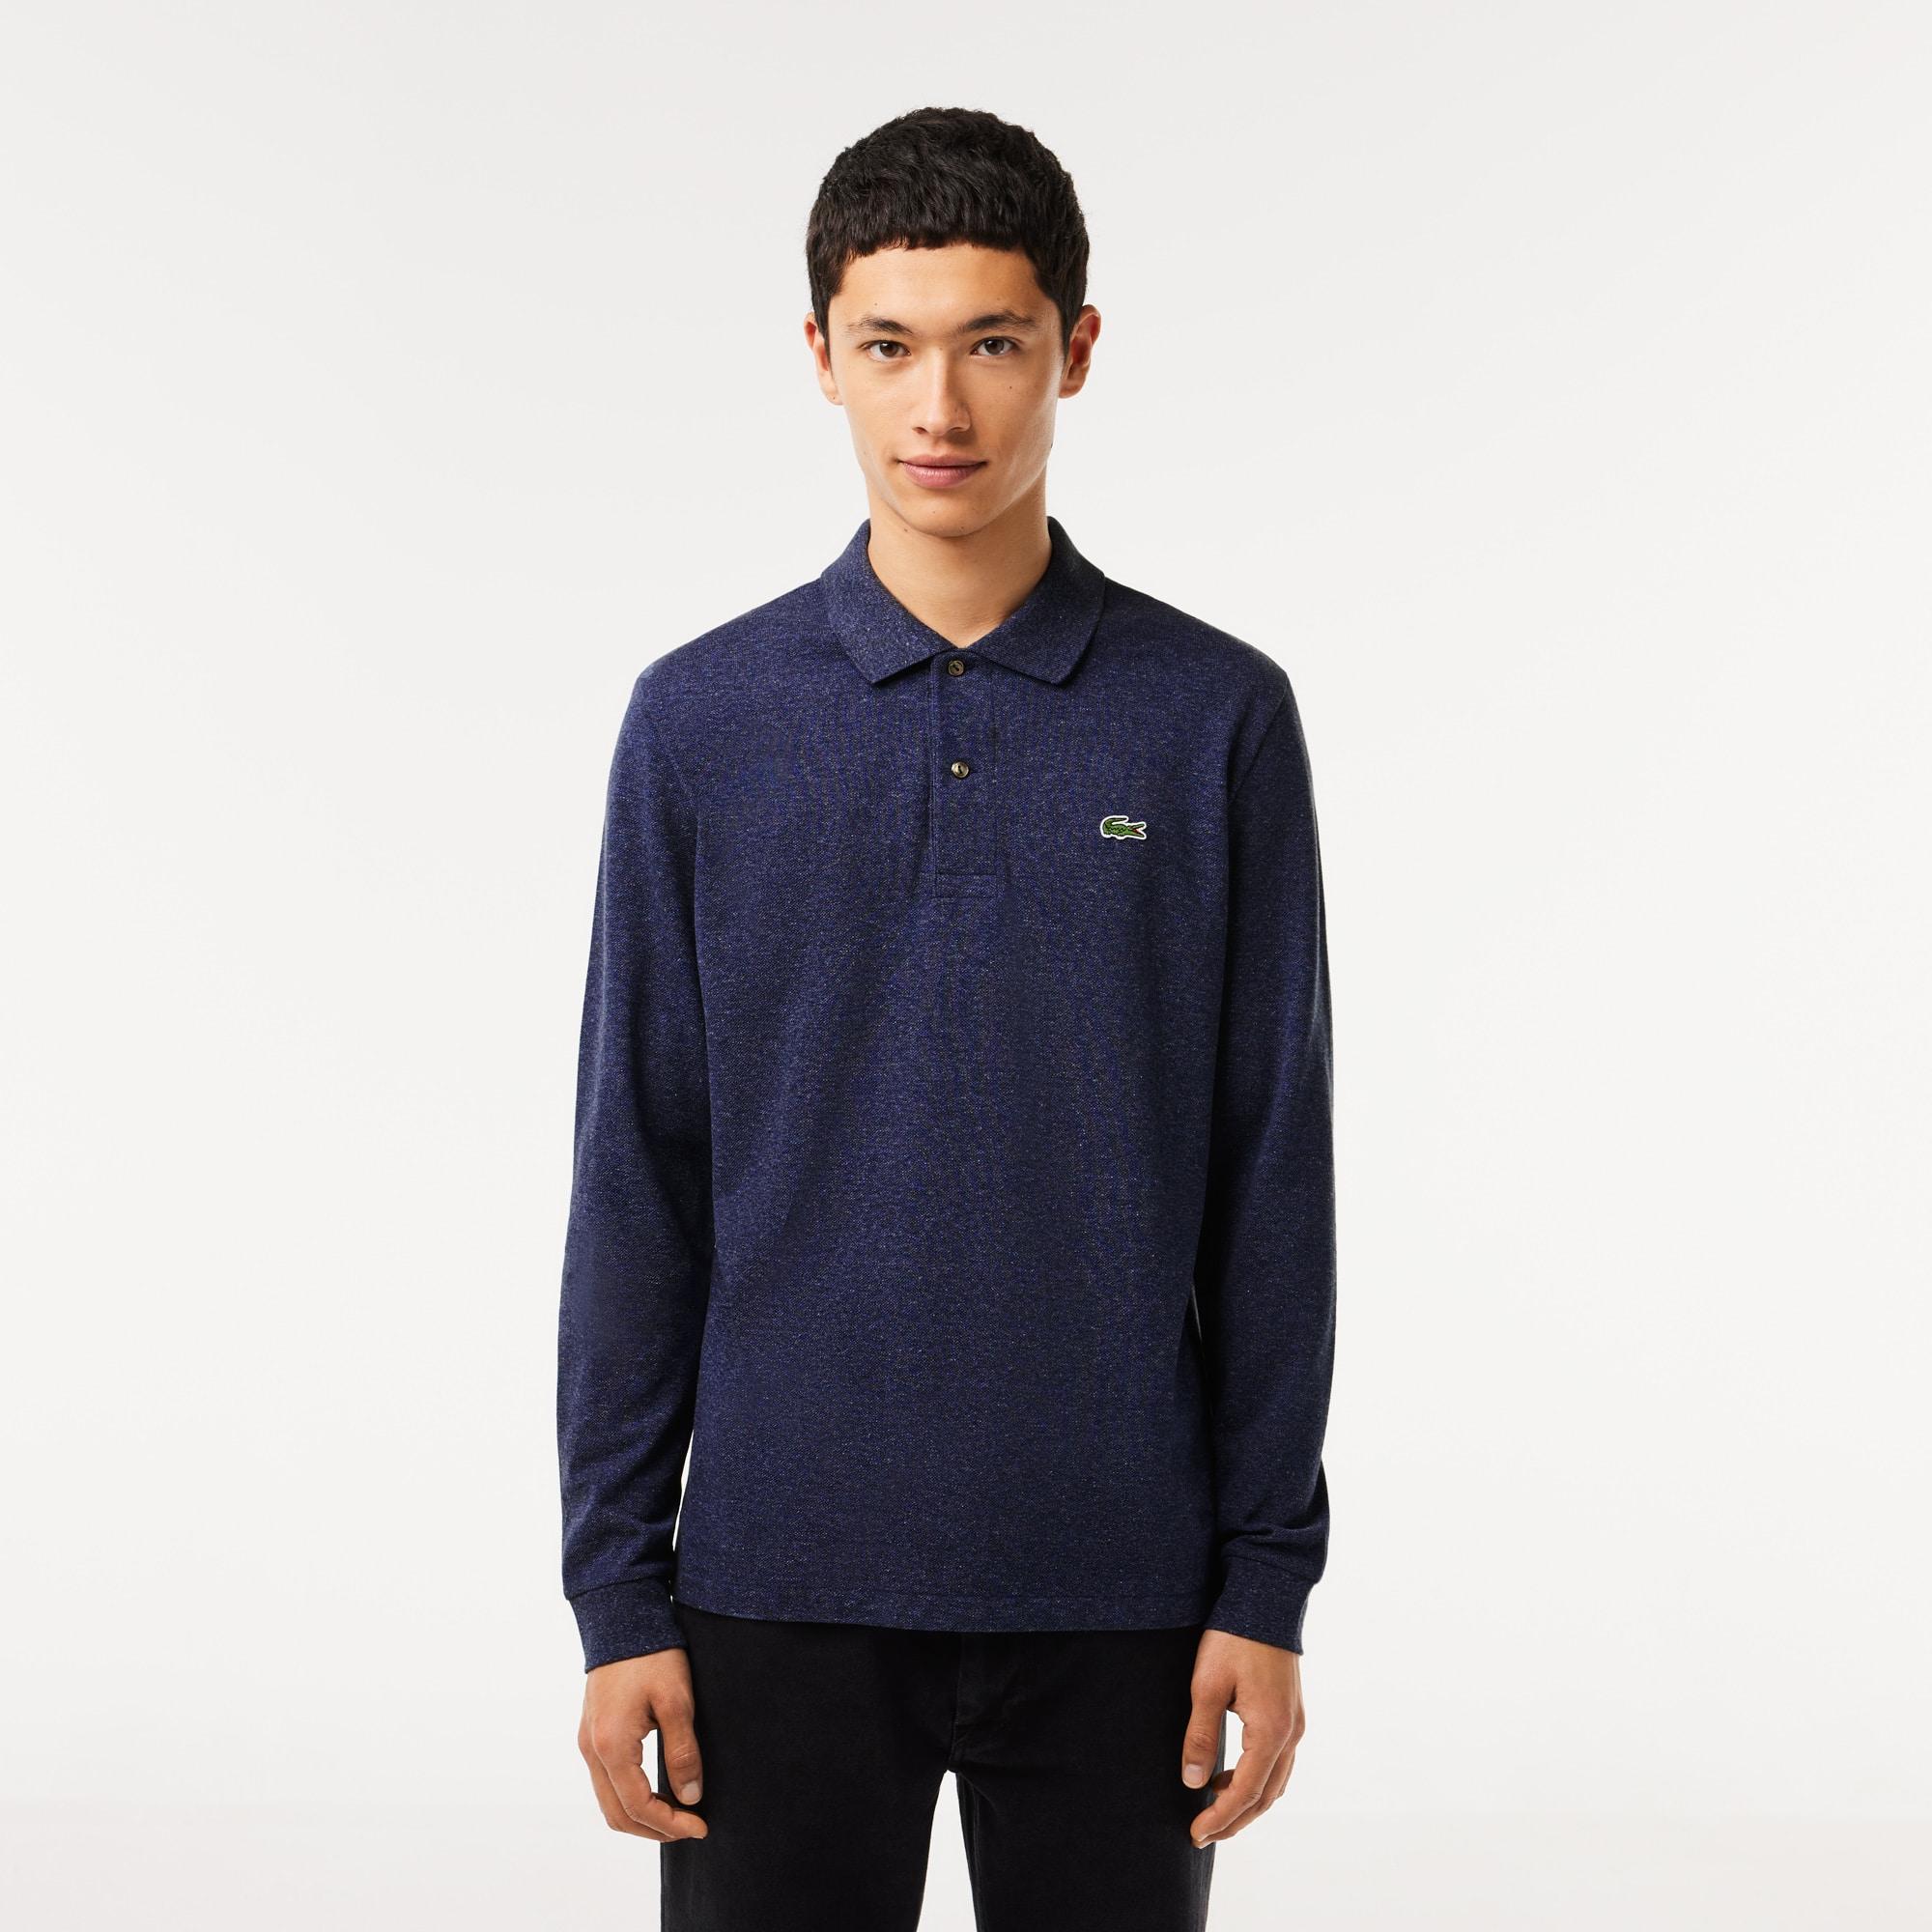 Polo Lacoste classic fit en petit piqué chiné à manches longues Taille 3XL Bleu Chine